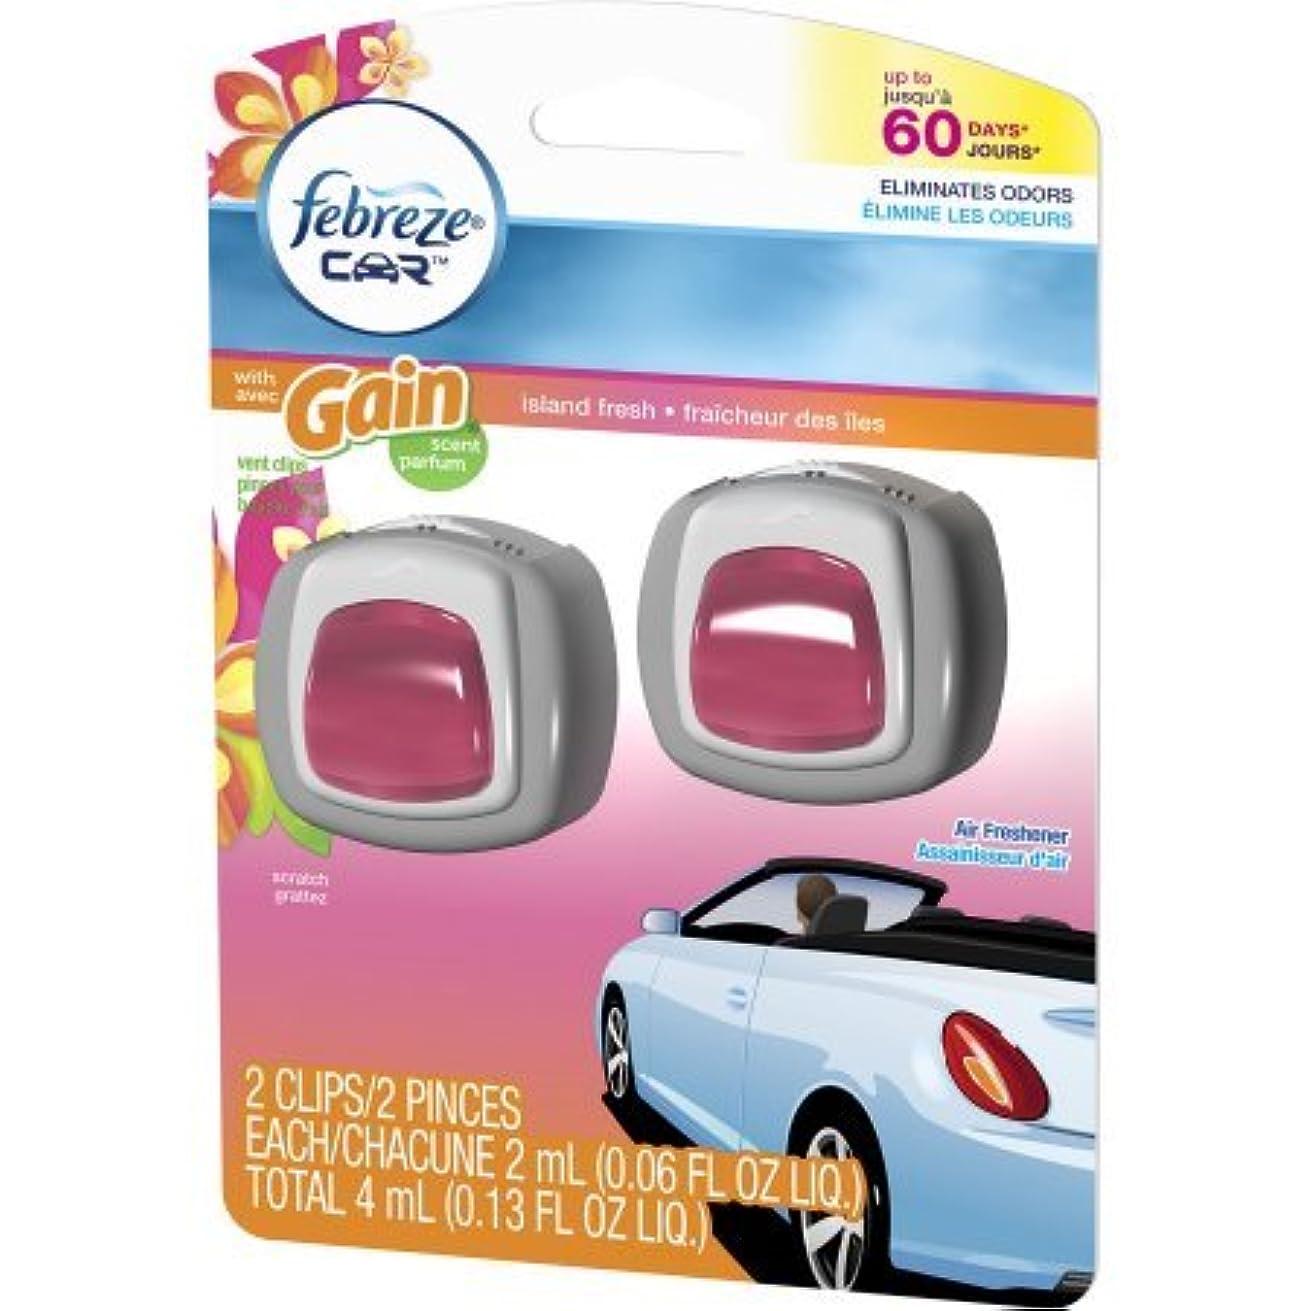 綺麗な甘やかす比較的【Febreze/ファブリーズ】 車用芳香剤 (イージークリップ) 2個入り ゲインアイランドフレッシュ Car Vent Clips Gain Island Fresh Air Freshener, 0.06 oz, 2 count [並行輸入品]